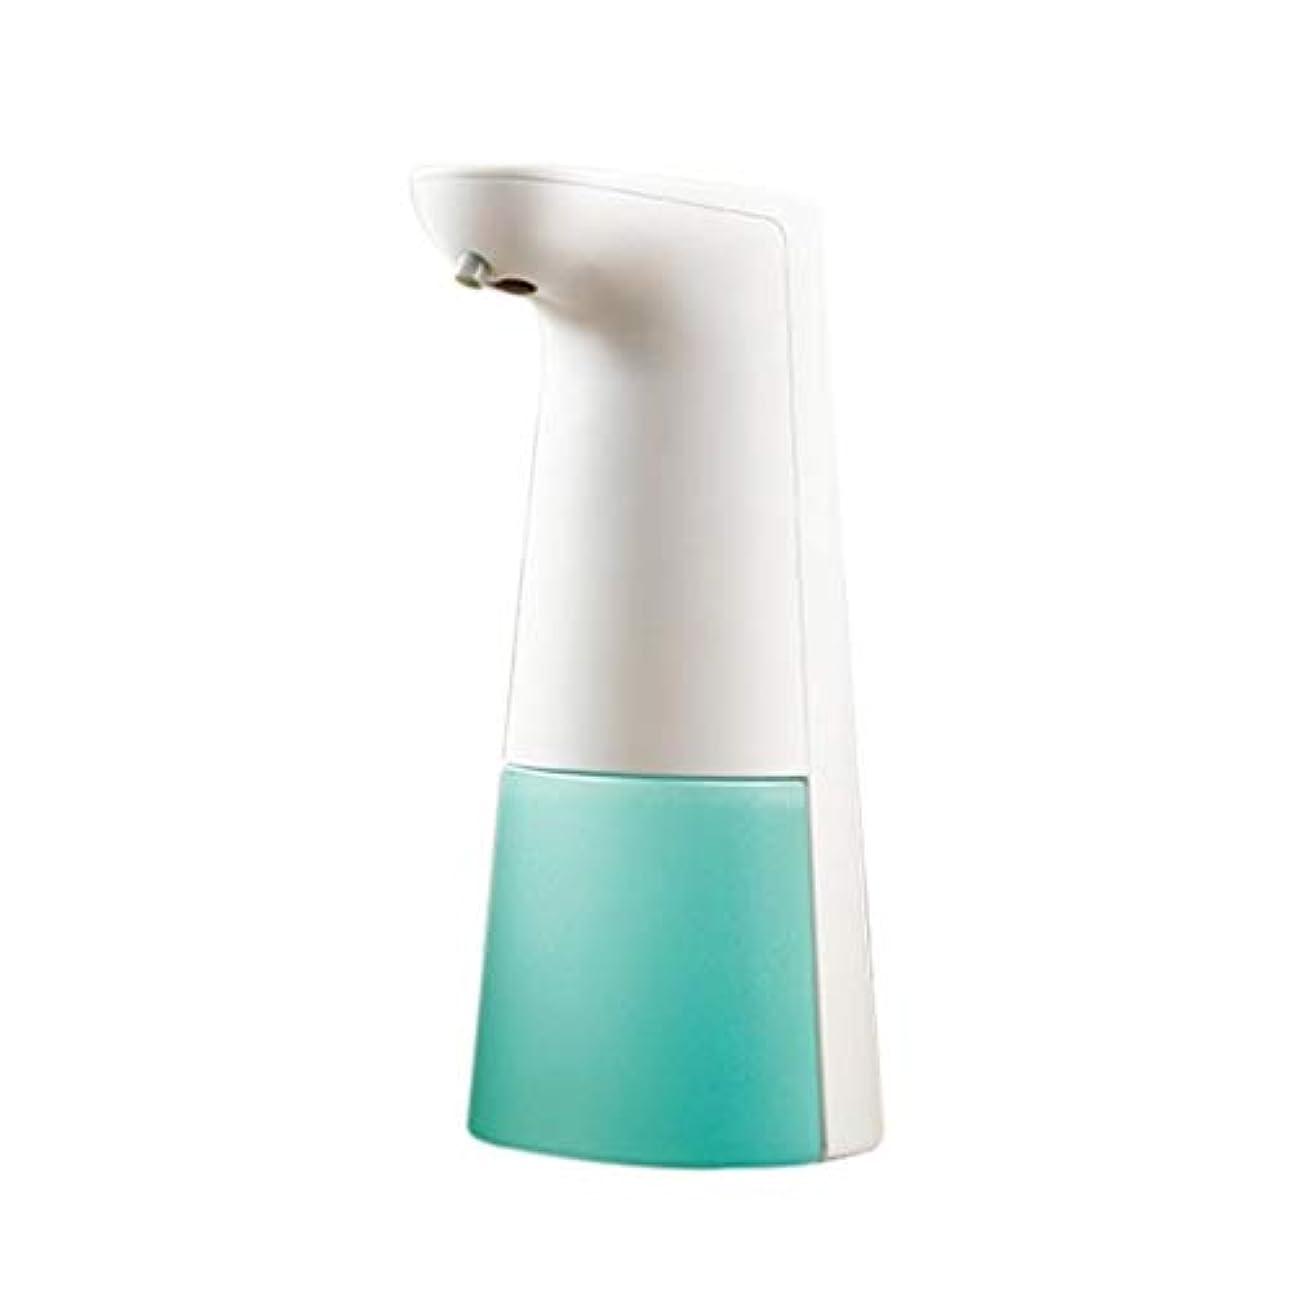 純正限りなく添付泡の台所浴室の流しの液体石鹸の瓶250mlのプラスチック石鹸箱のローション(色:白、サイズ:20.4 * 11.6 * 8.9cm) (Color : White, Size : 20.4*11.6*8.9cm)